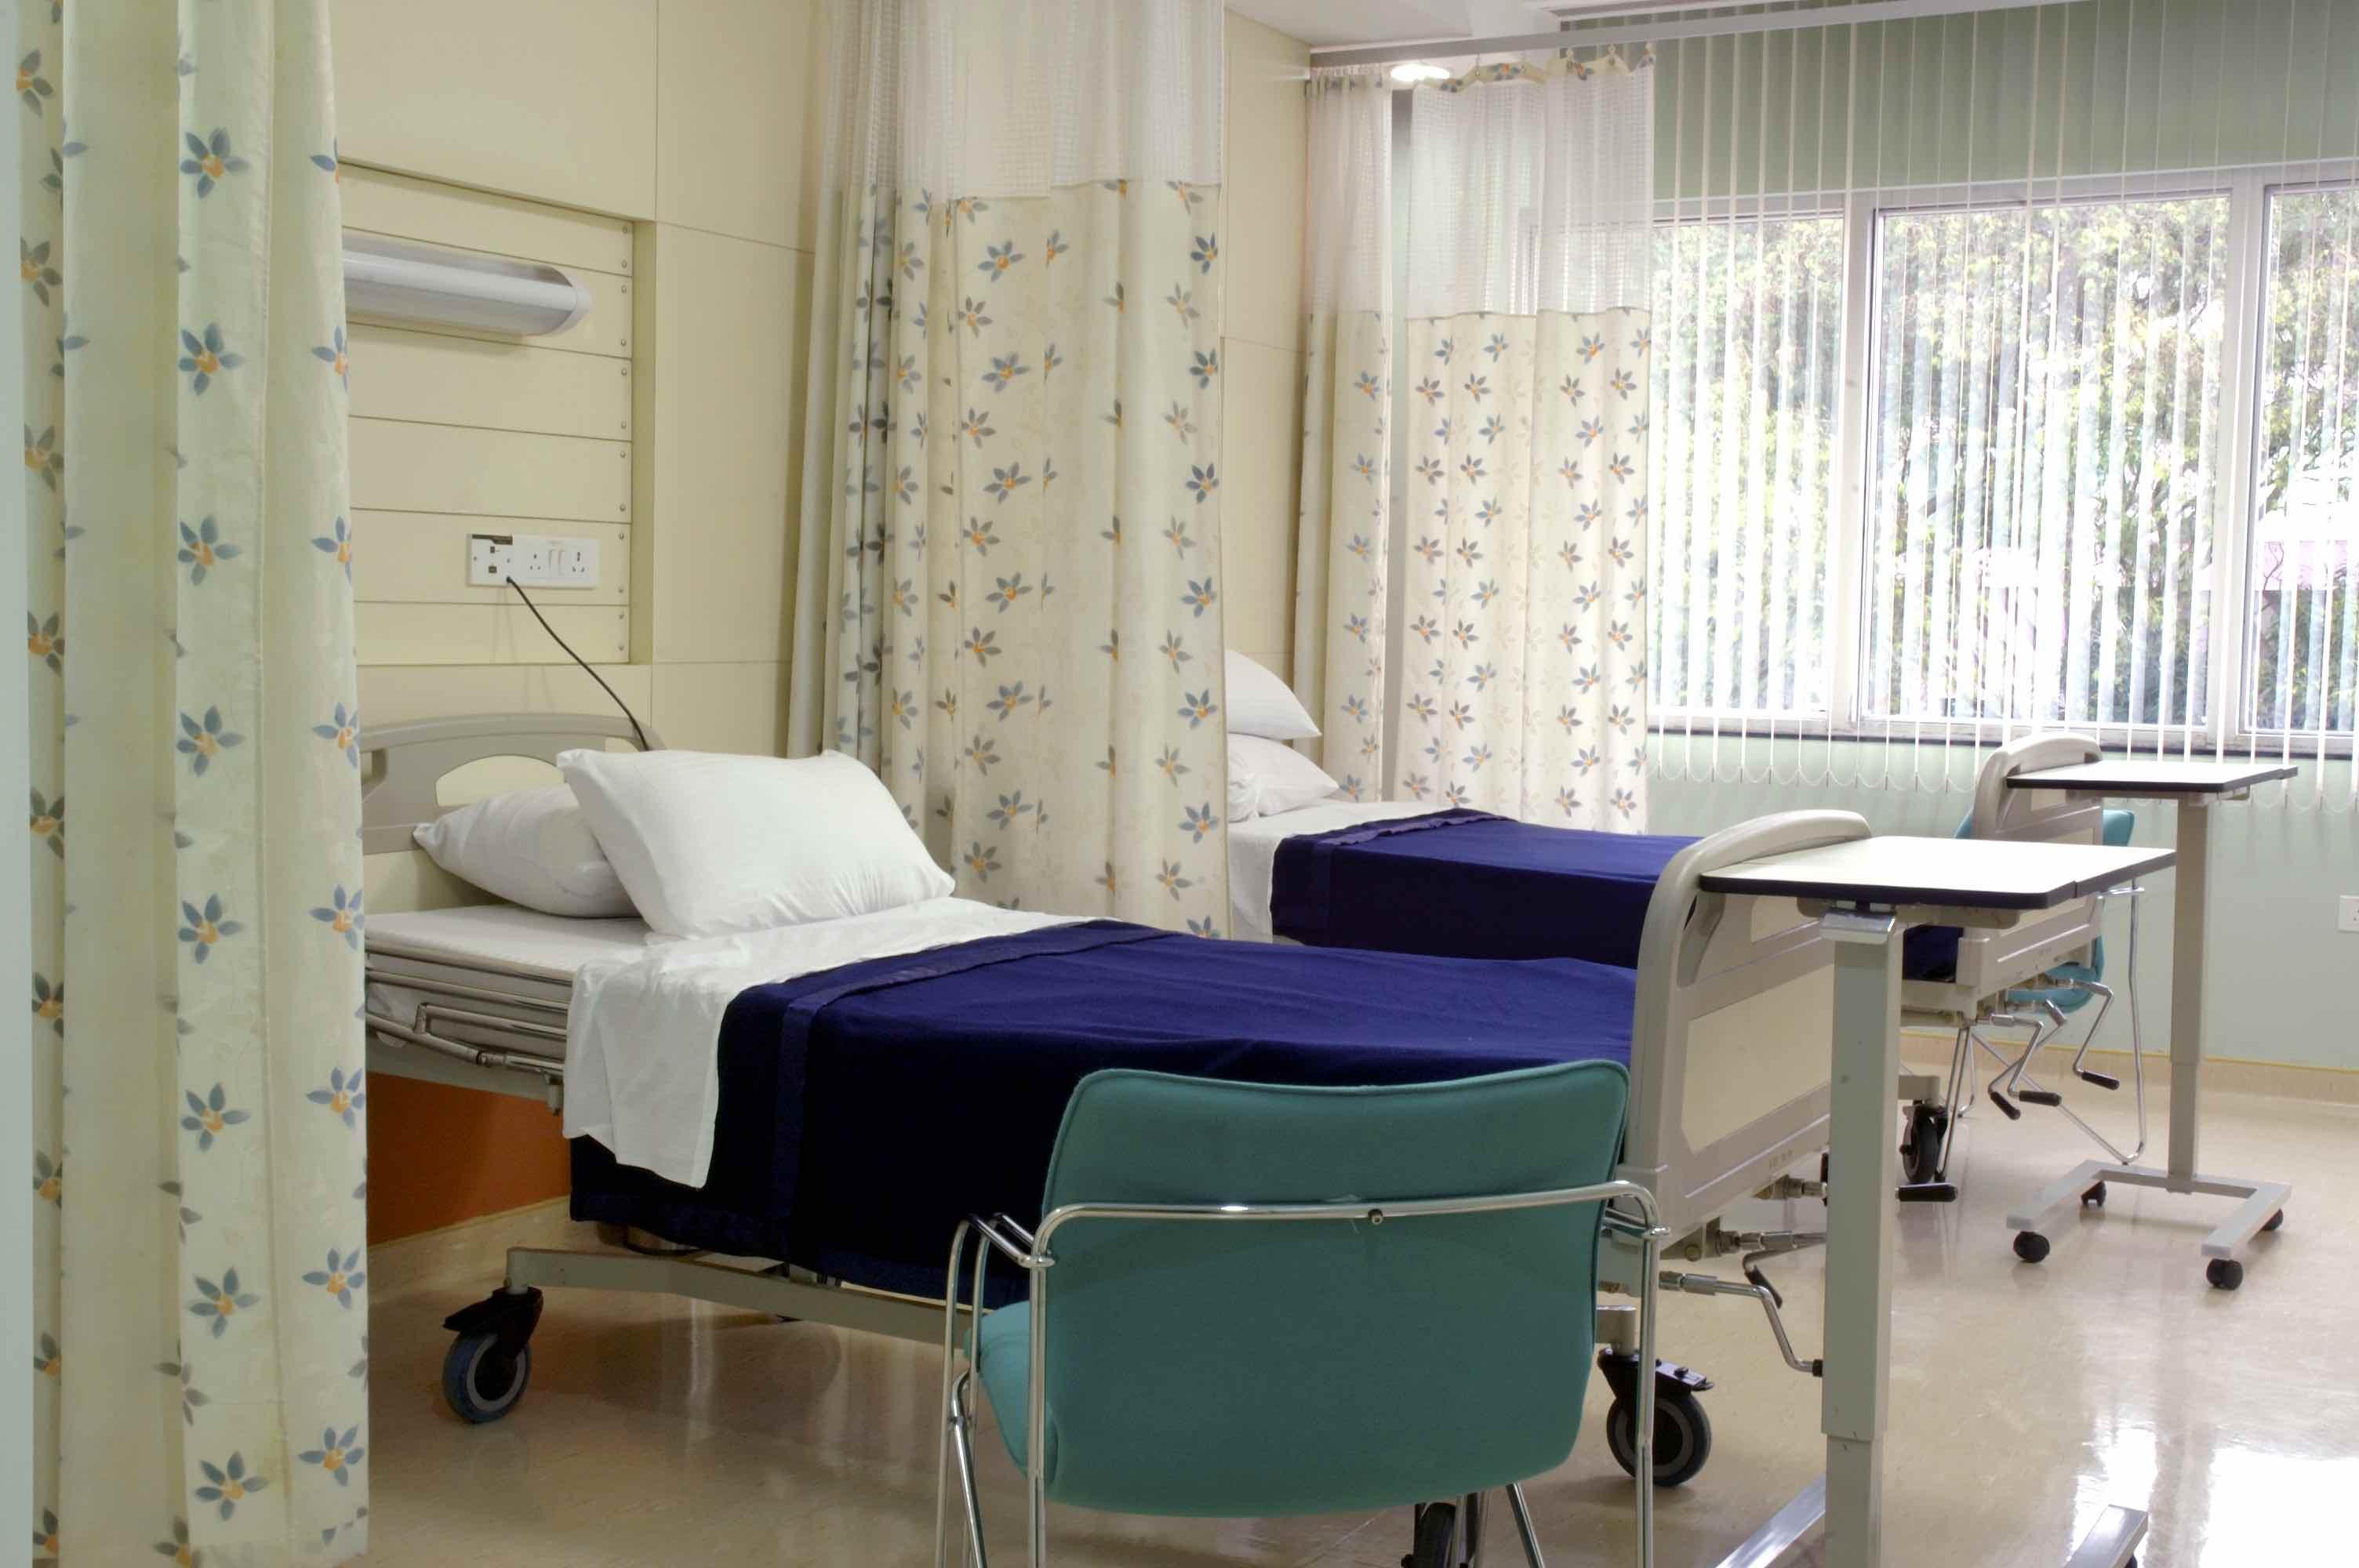 Columbia Asia Hospital 1